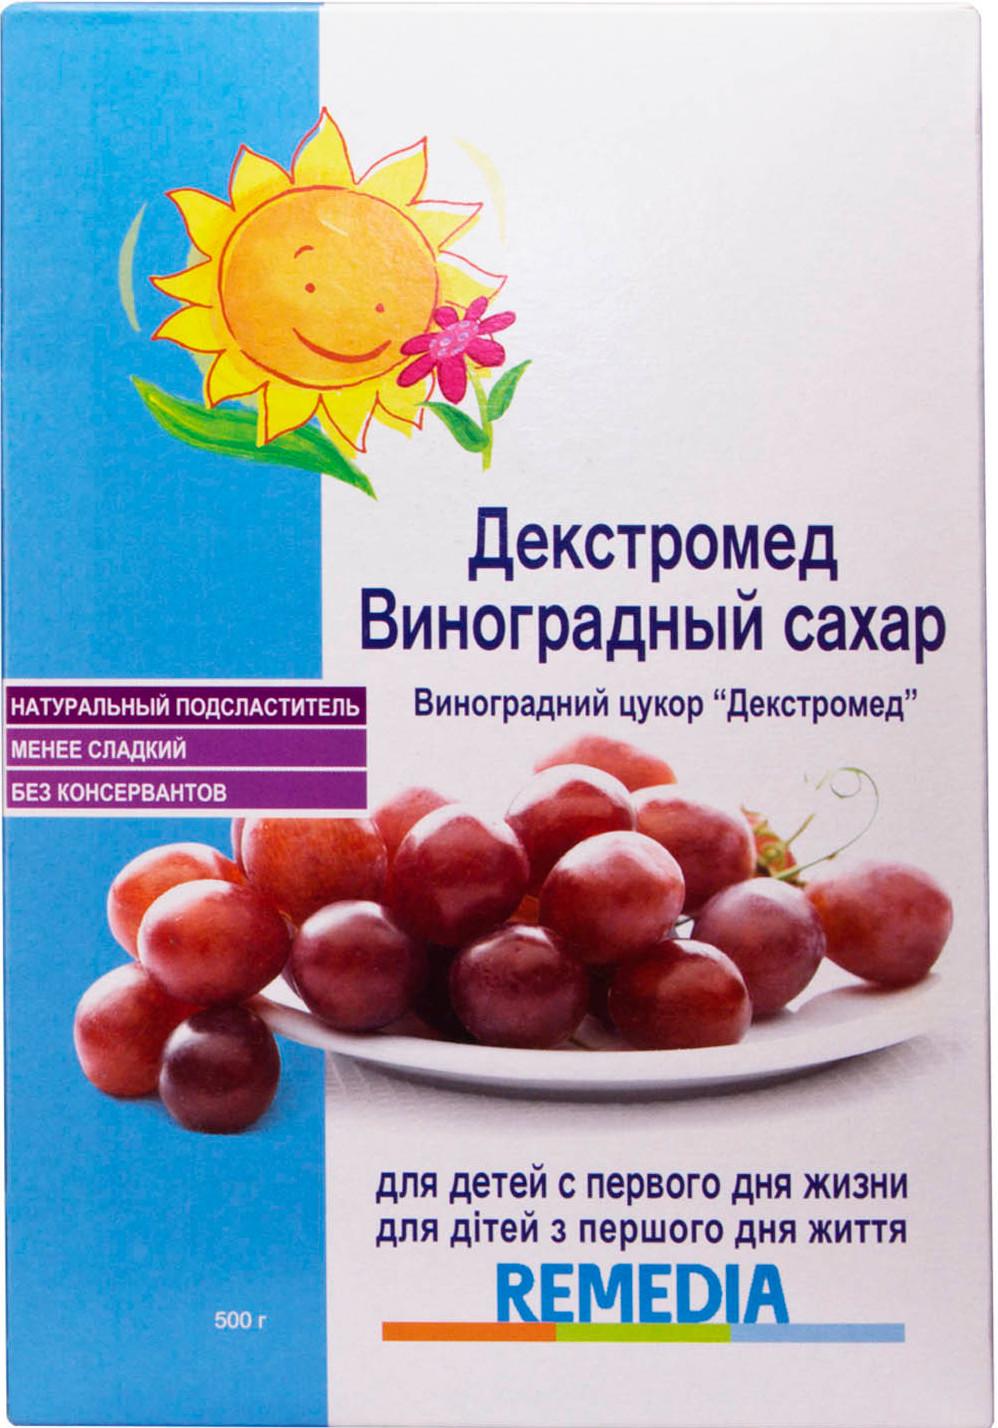 Виноградный сахар Ремедия Декстромед с рождения 500 г